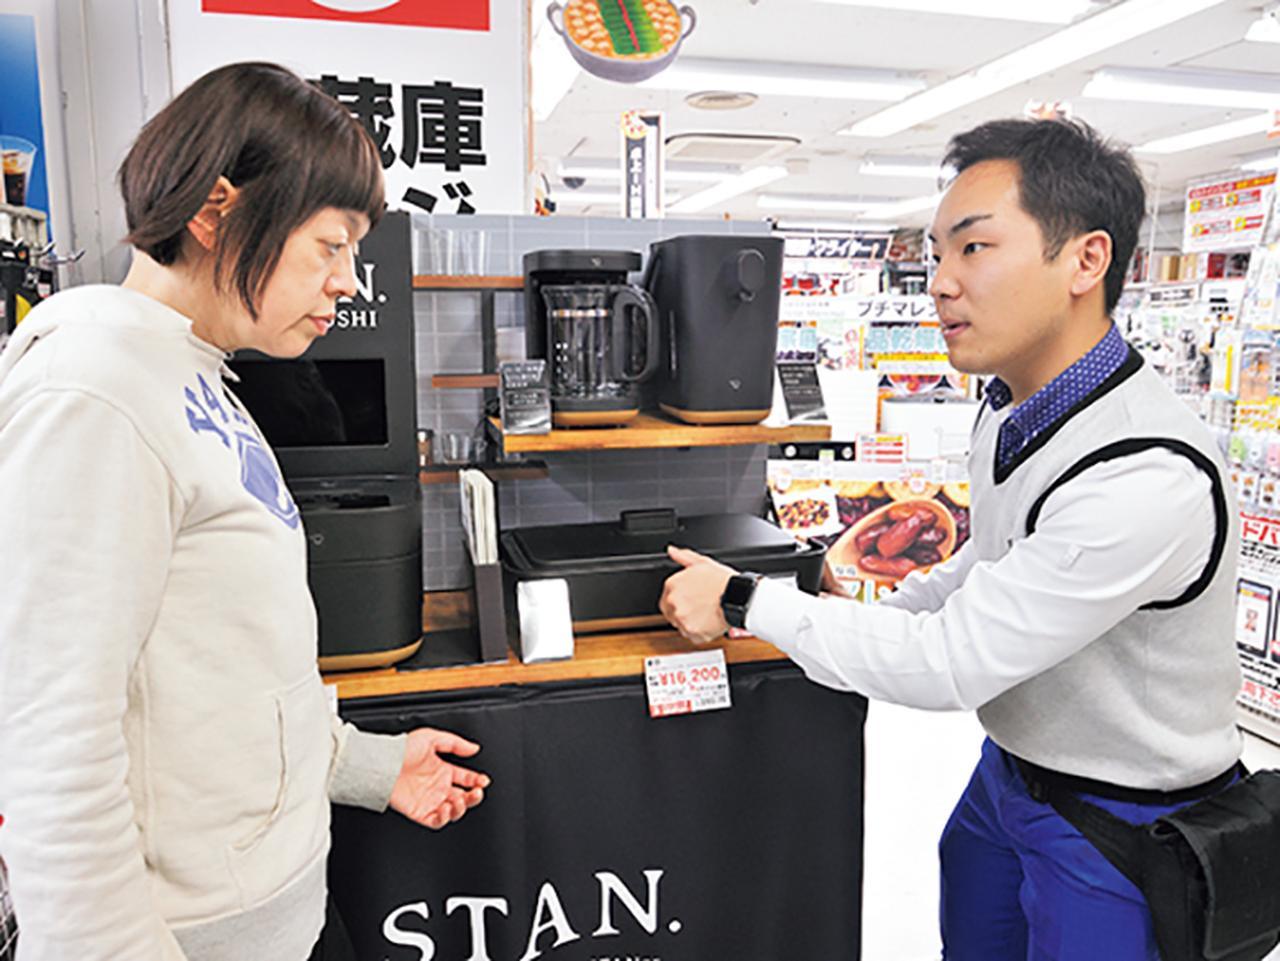 画像: 売り場の一角を占める「STAN.」コーナー。ホットプレートは炊飯器に次ぐ人気。若い家族が買っていくケースが多い。